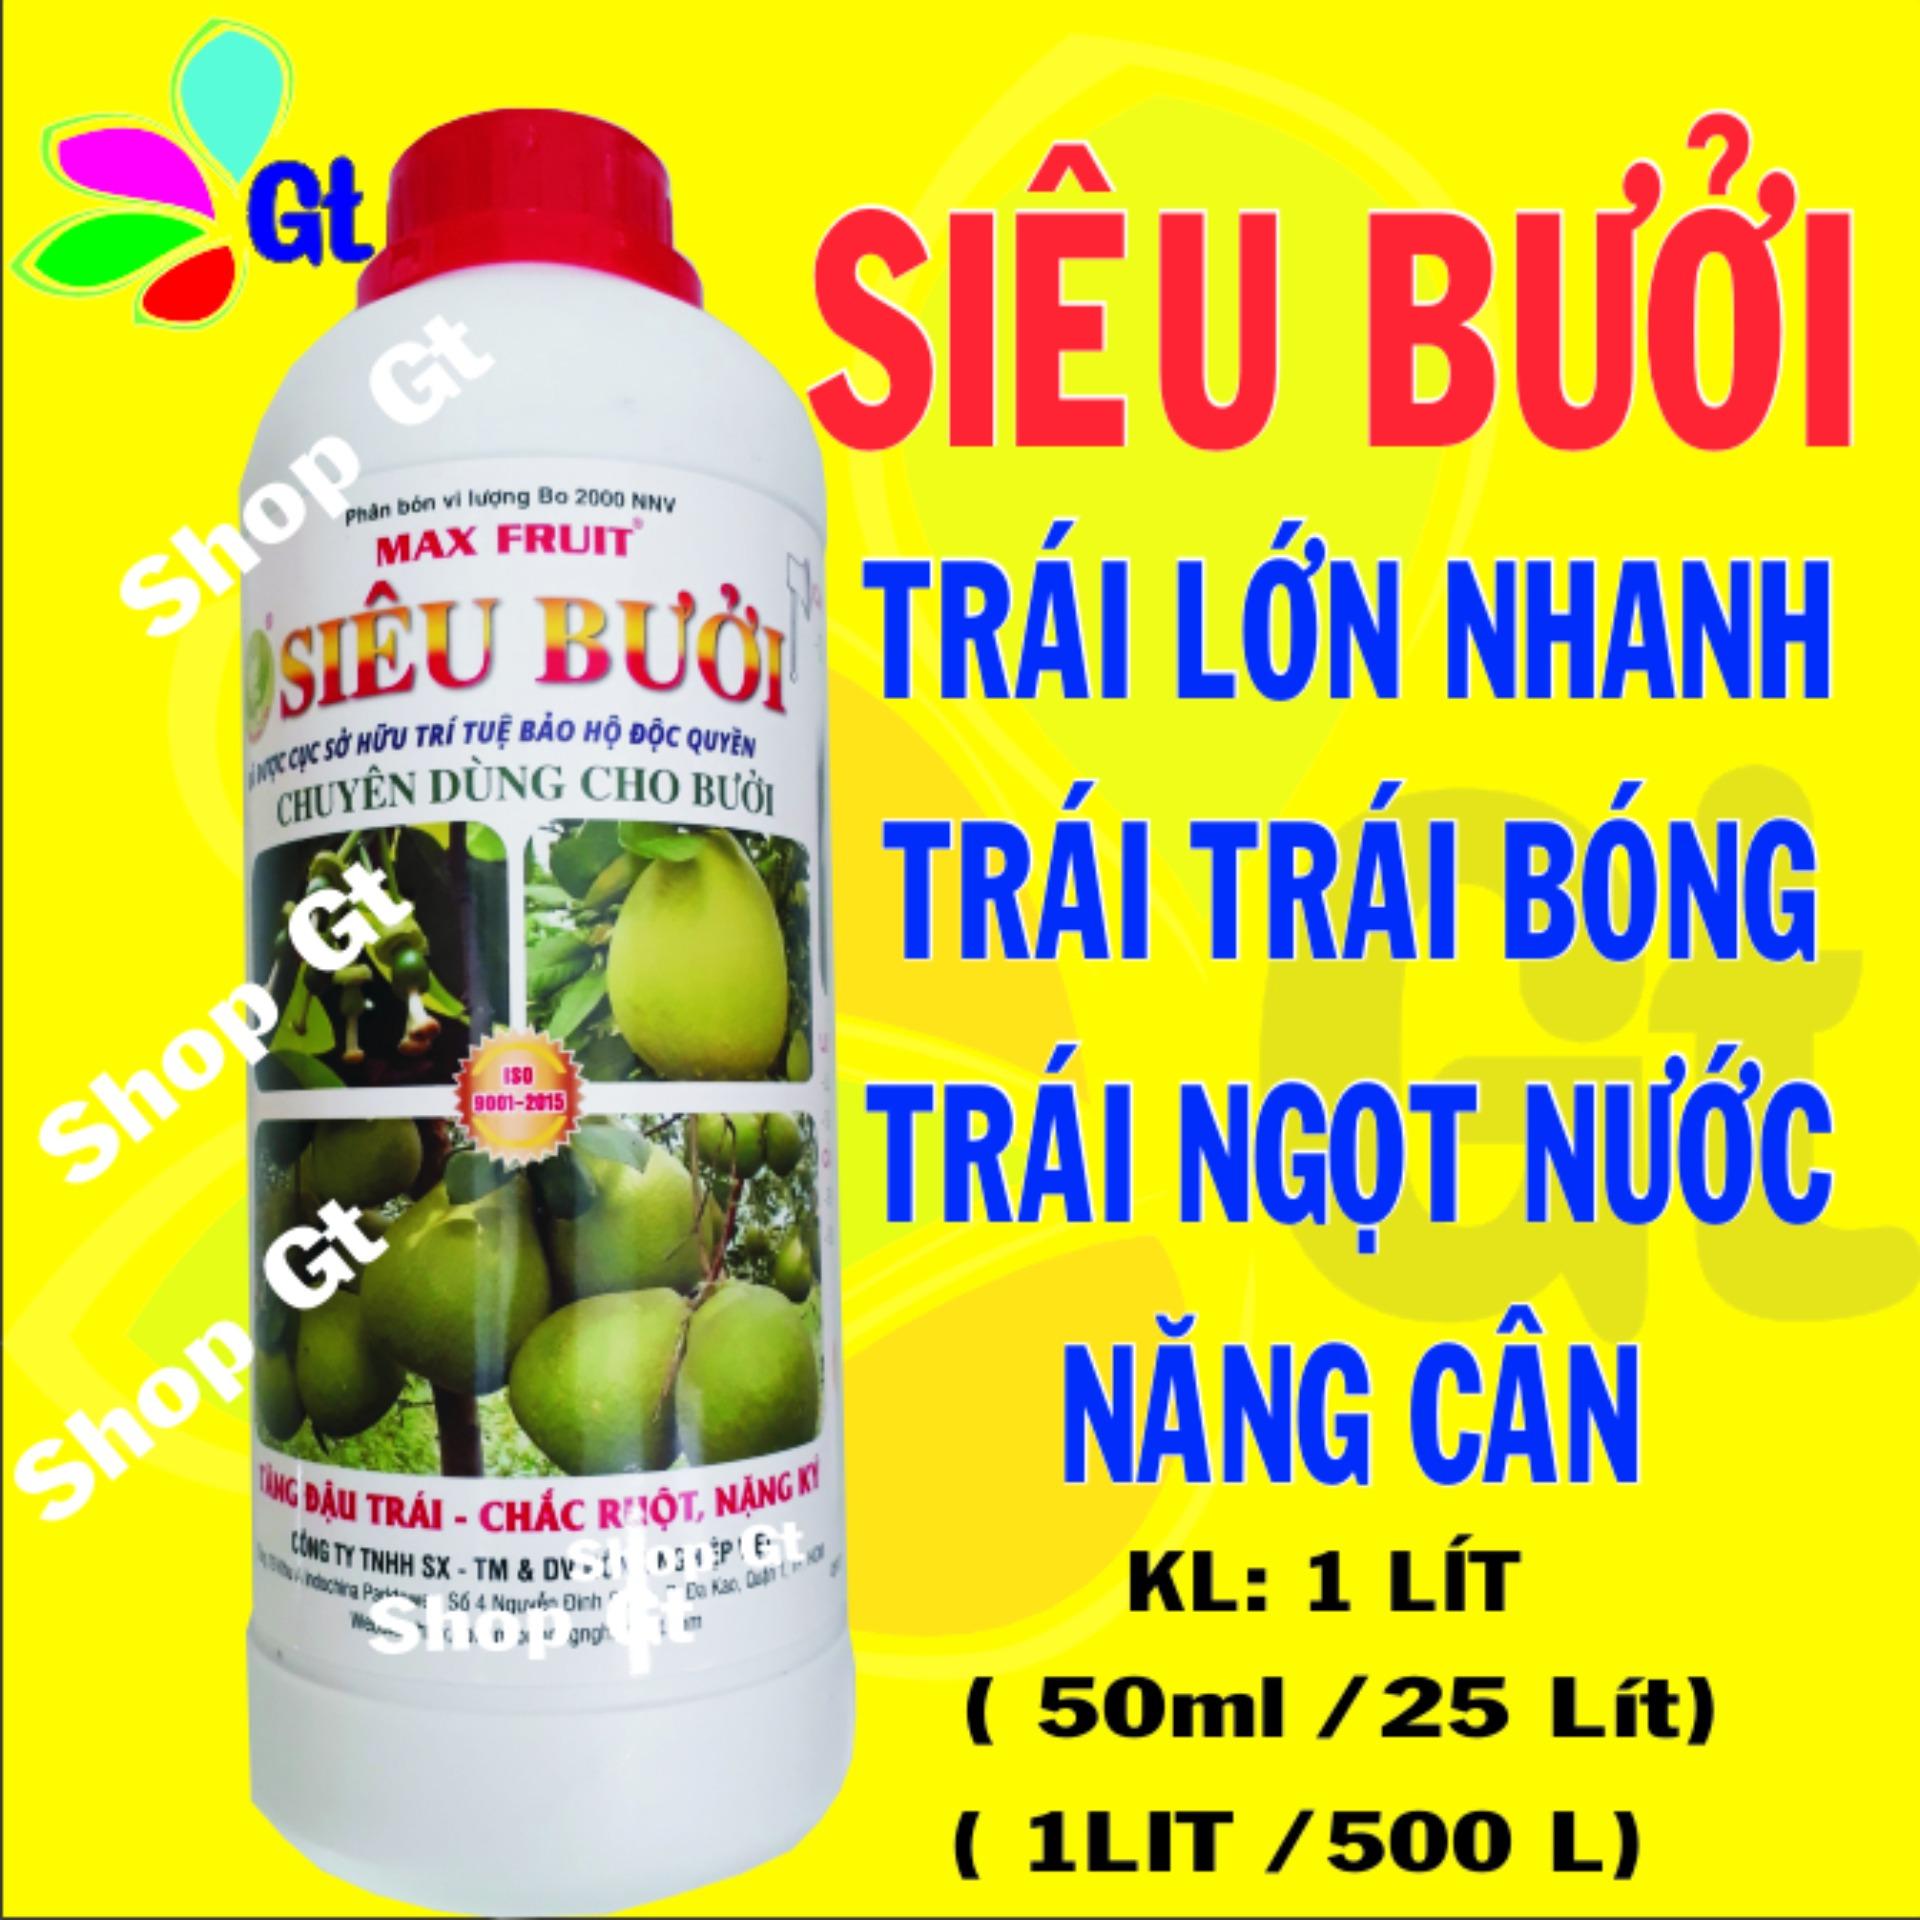 (Shop Gt19) Siêu Bưởi - KL: 1 Lít Tăng đậu trái - chắc ruột, nặng ký, lớn trái nhanh